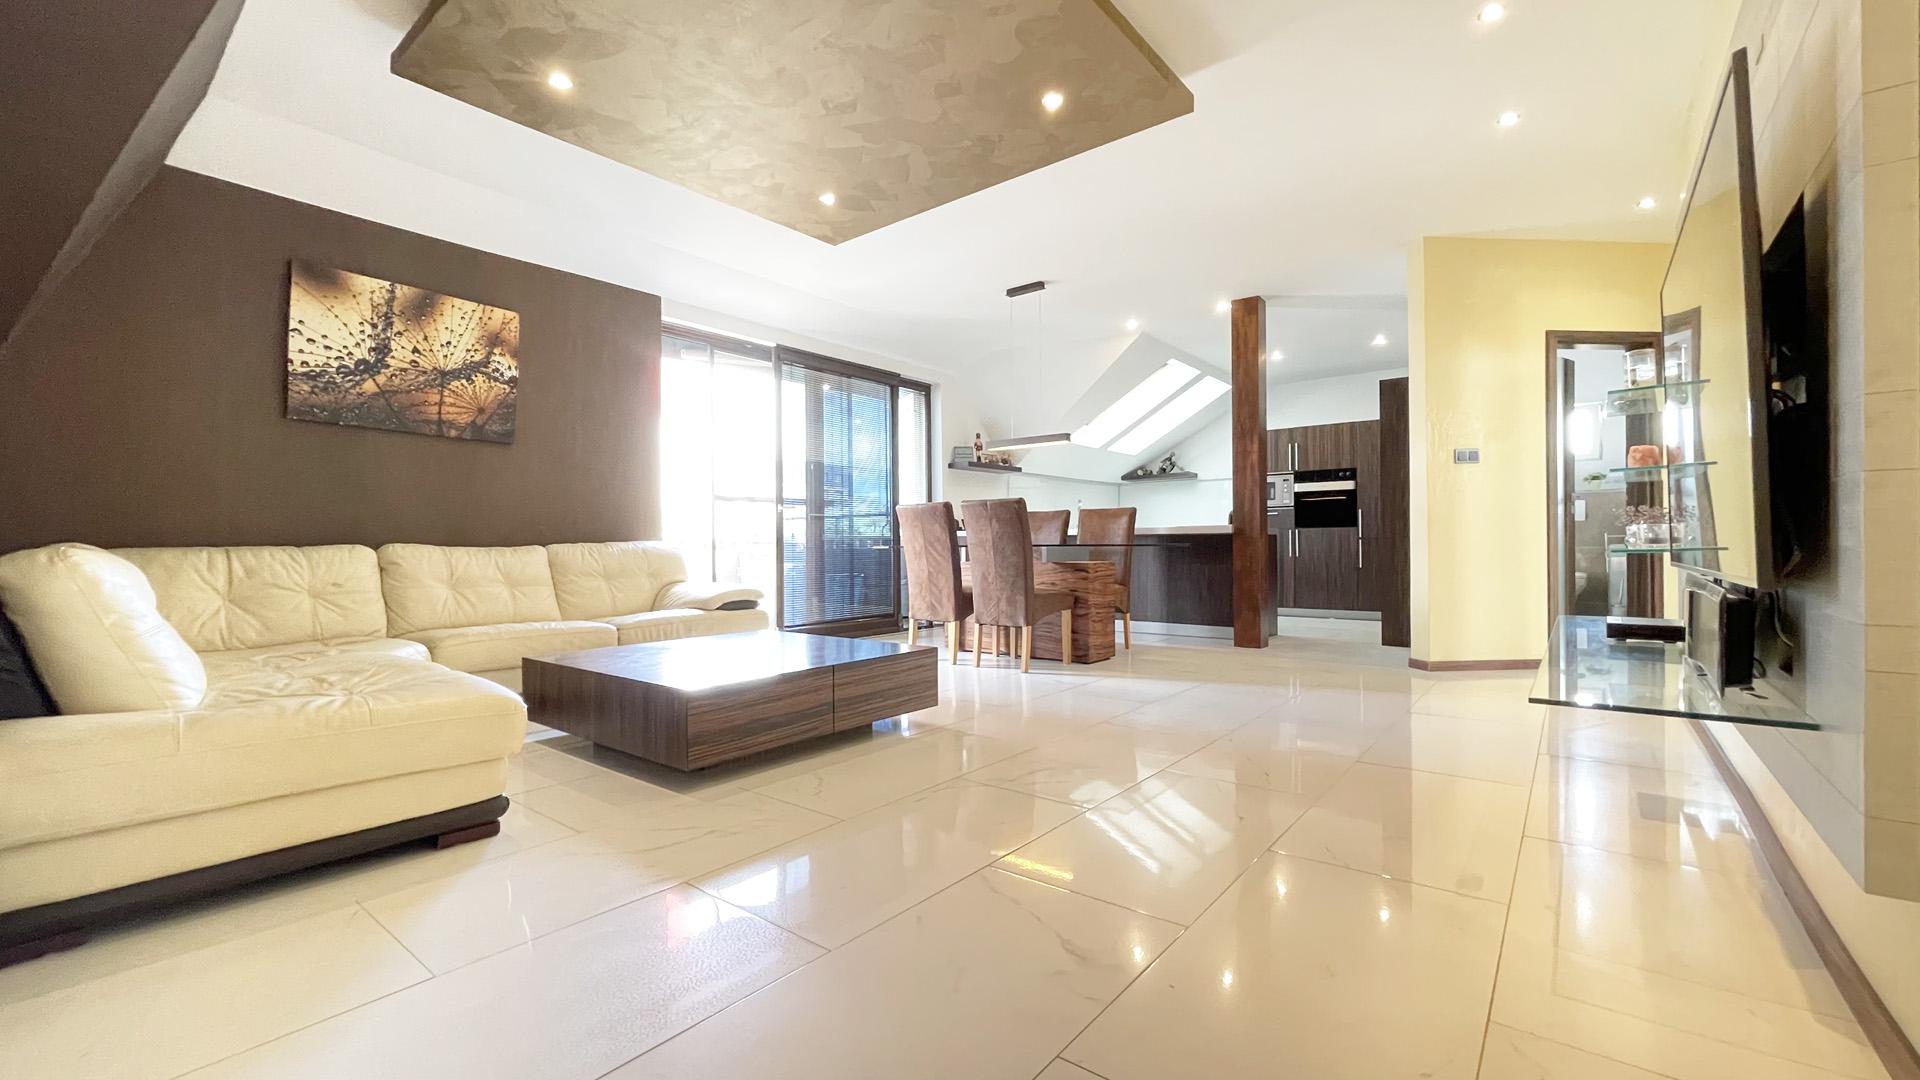 4 izbový byt s veľkou terasou na predaj, Senec, Šafárikova ulica